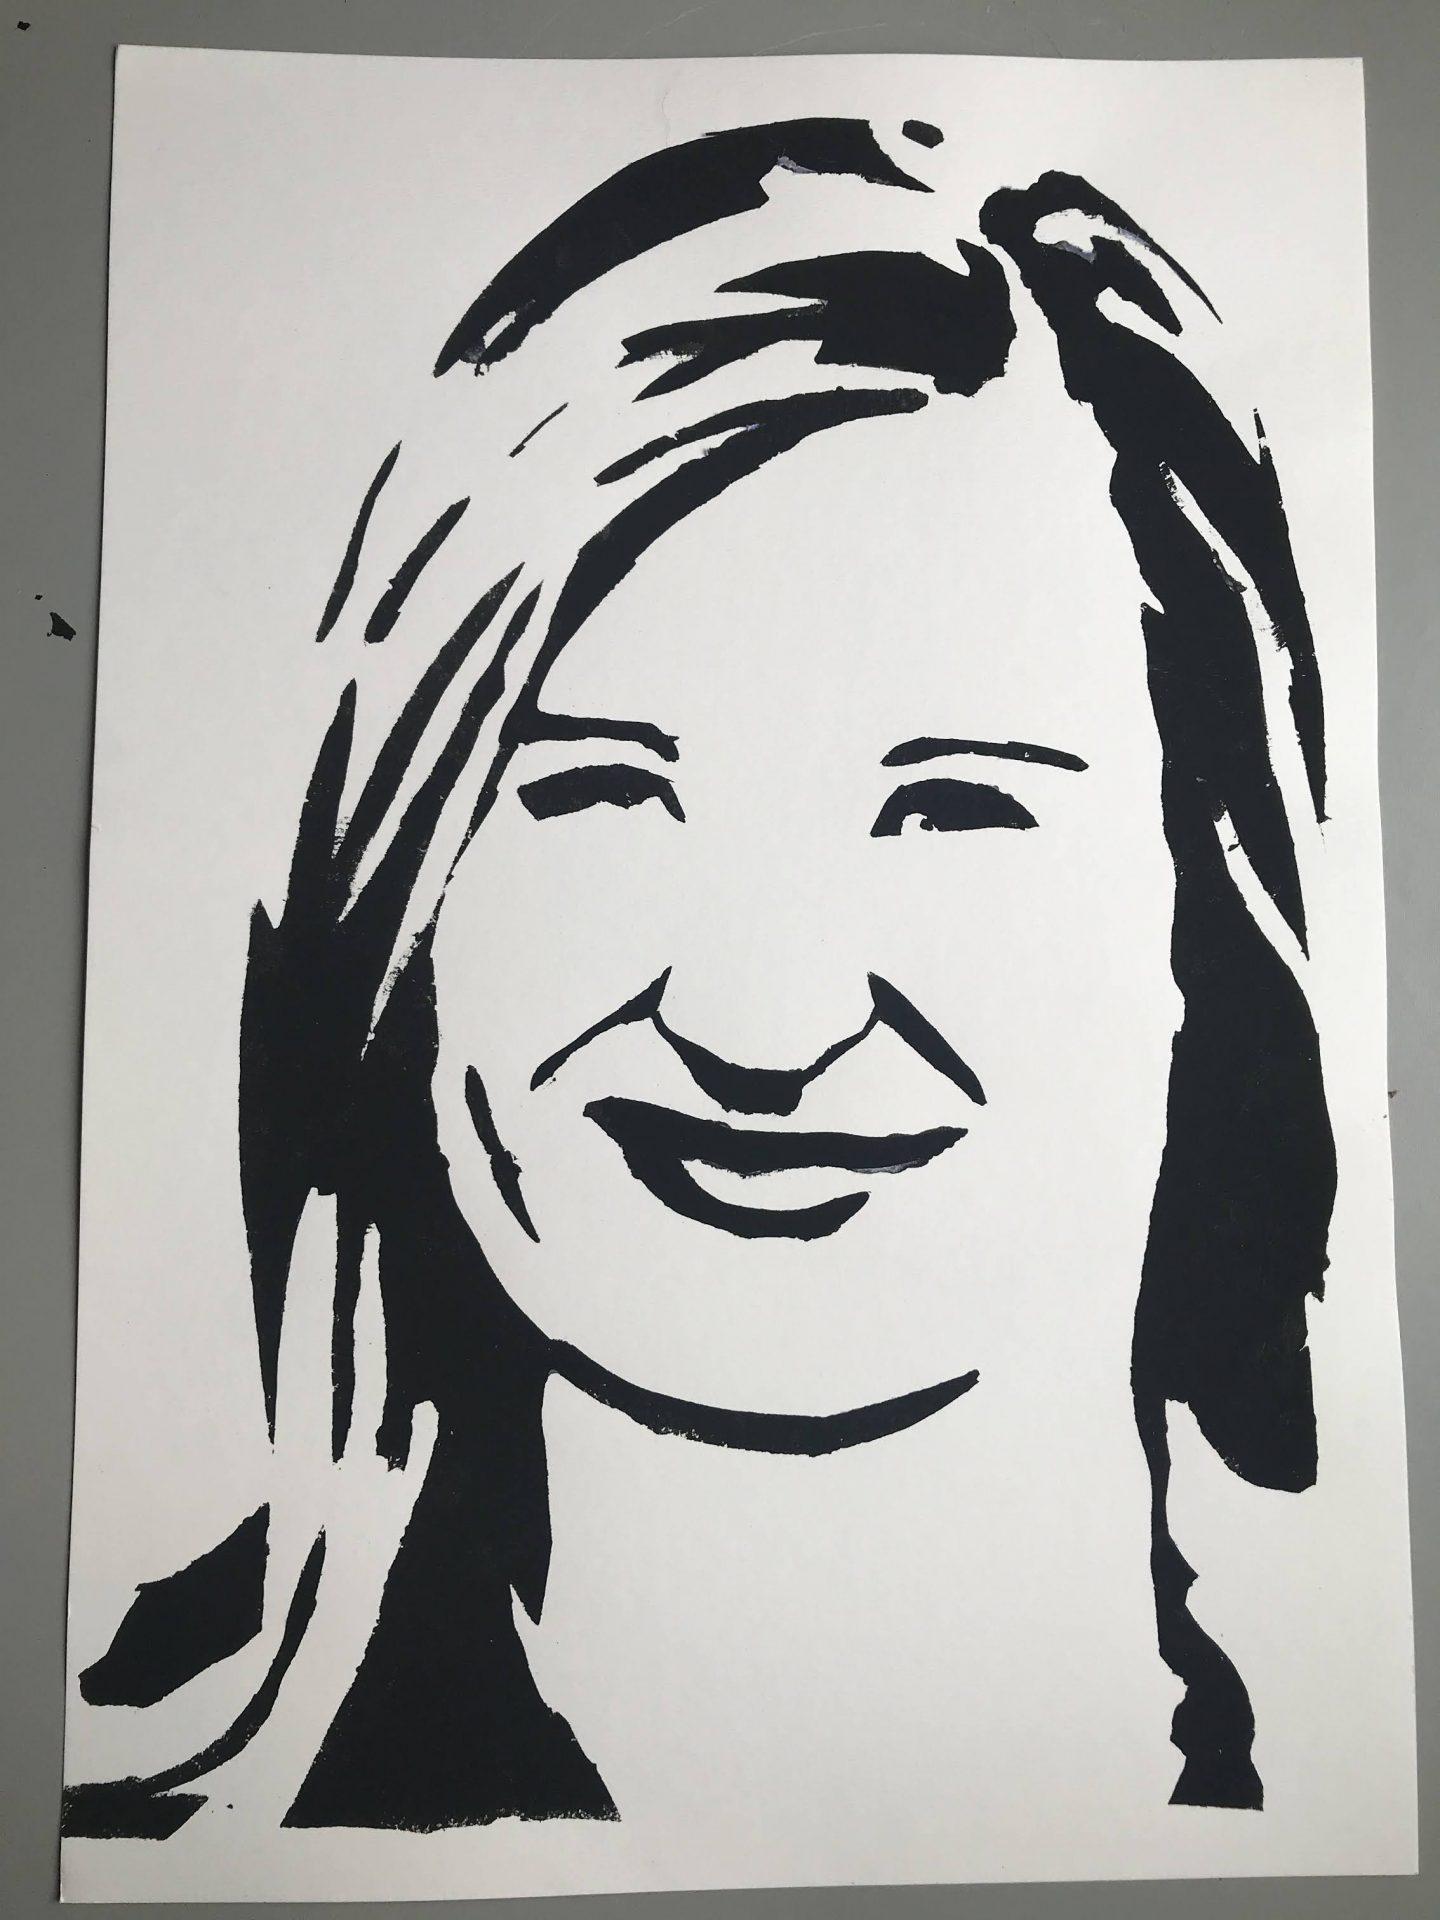 Jann Haworth's Utah Women's Mural